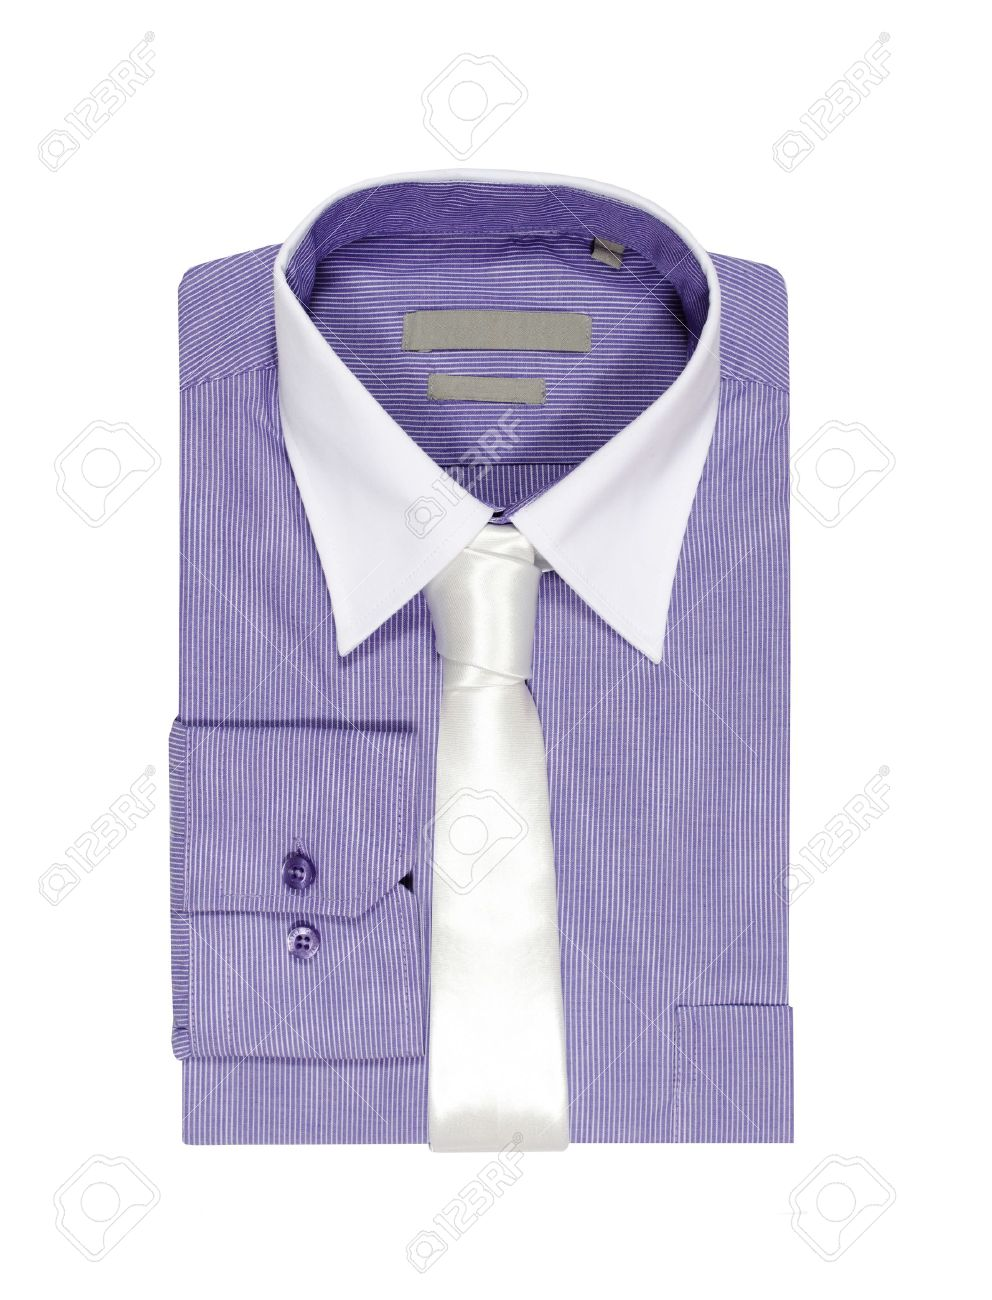 Lila T-Shirt auf weißem Hintergrund weiße Krawatte und weißem Kragen  gefaltet Standard-Bild 0920bfee68